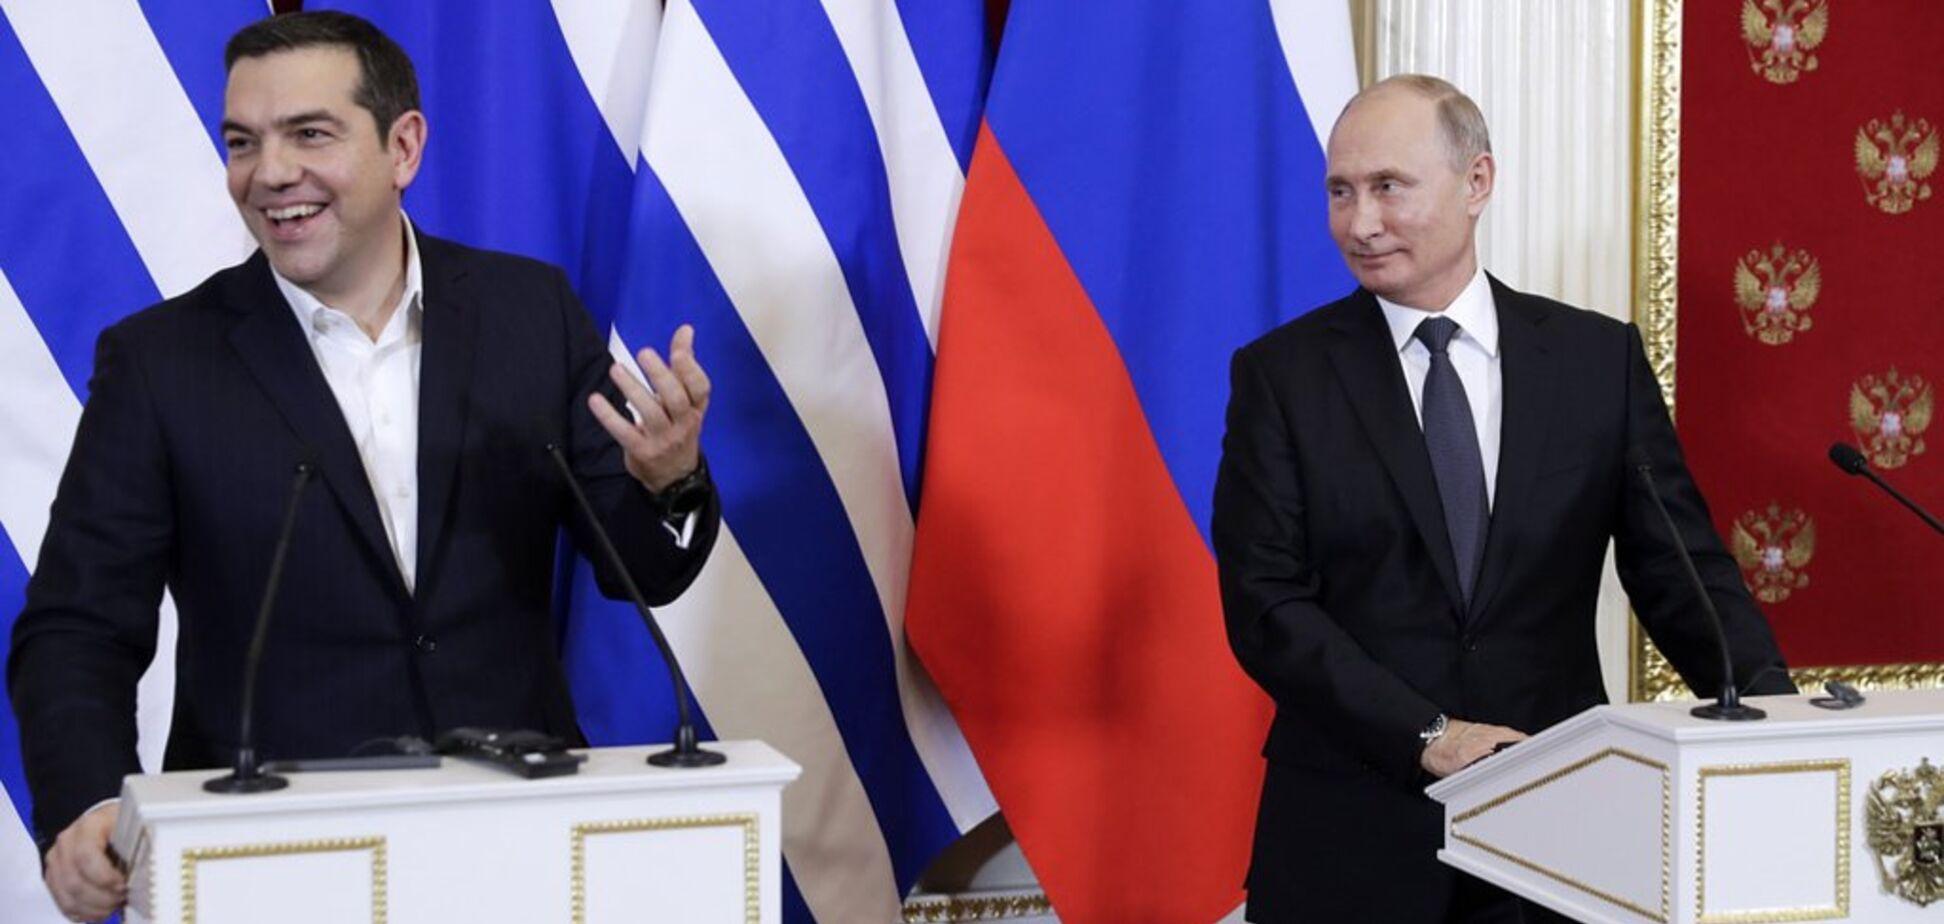 ''Грайливий мазохізм'': у мережі помітили дивне звернення до Путіна прем'єра Греції